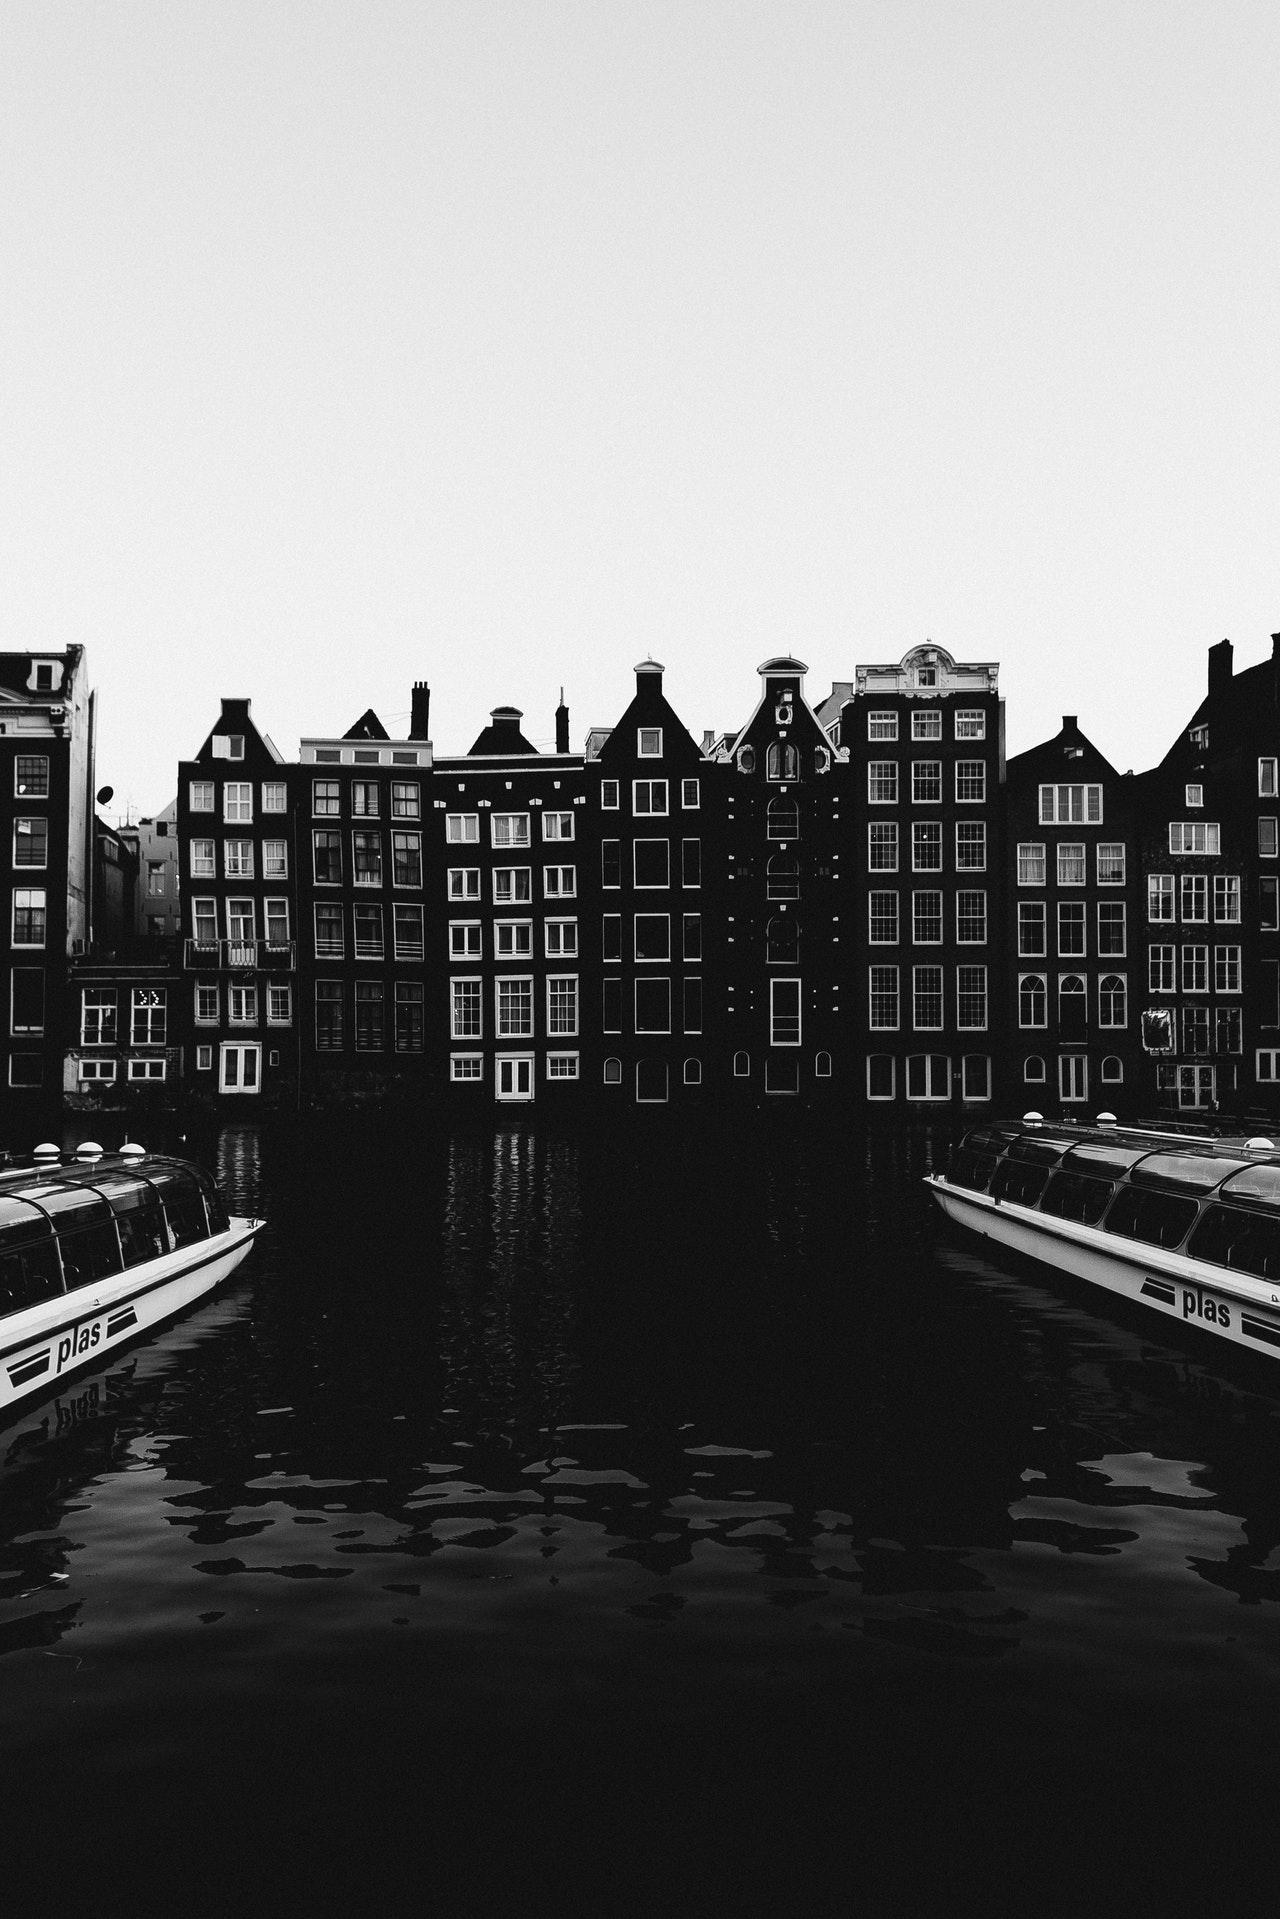 mieszkania nad rzeką